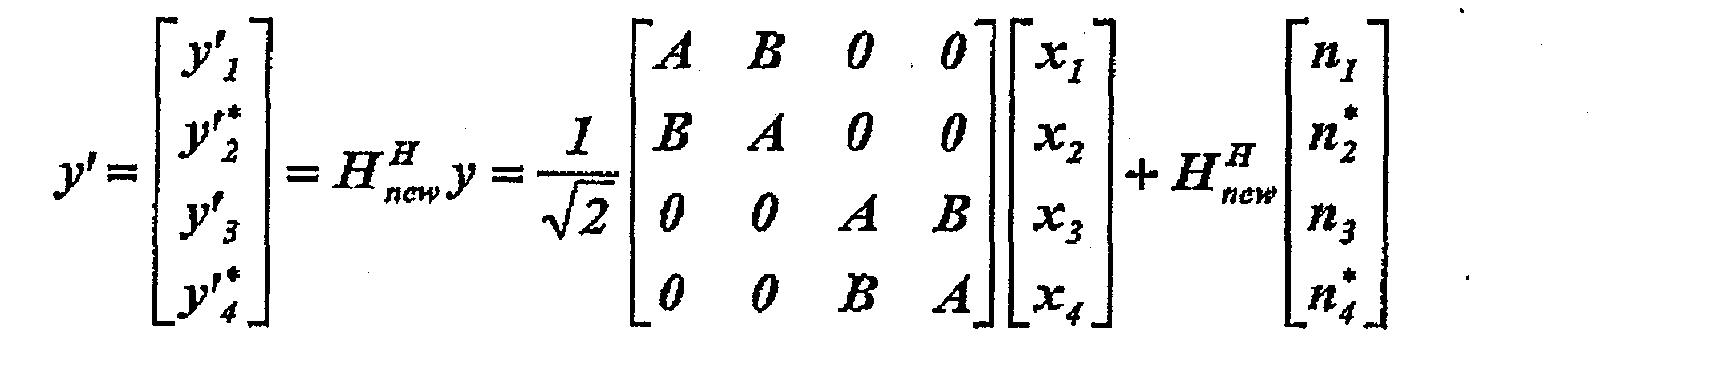 Figure CN1969522BD00224